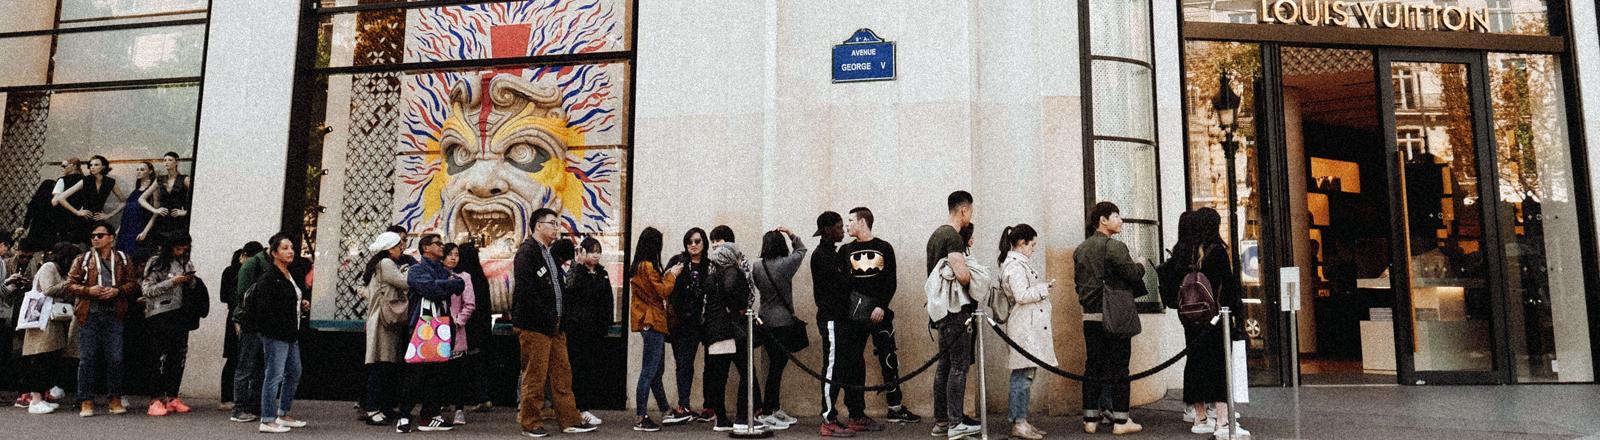 Menschen stehen Schlange vor einer Louis Vuitton Filiale